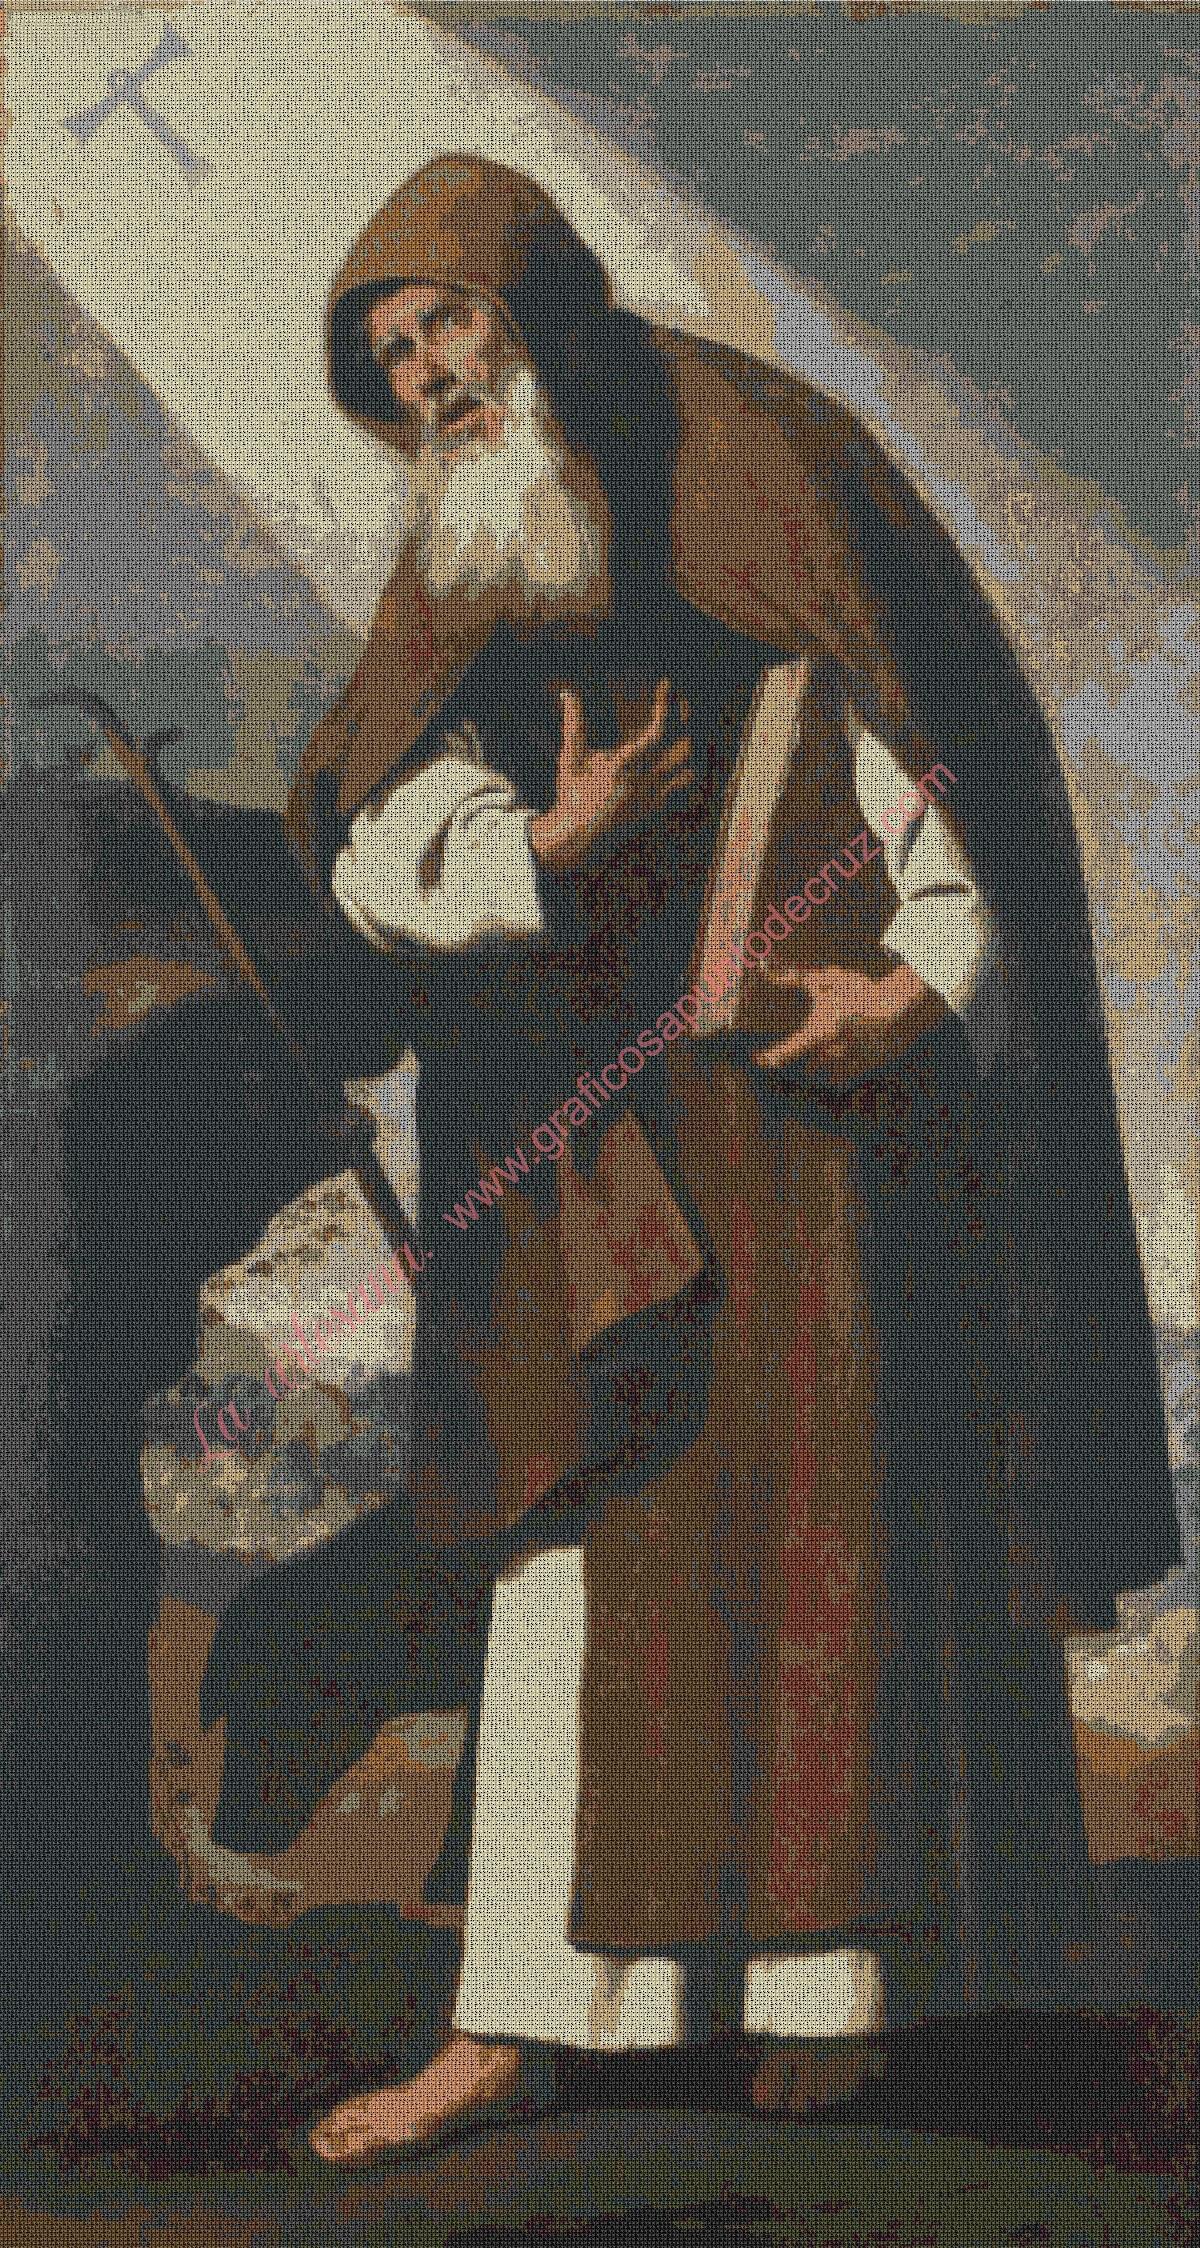 Sant Antonio Abad de Zurbarán